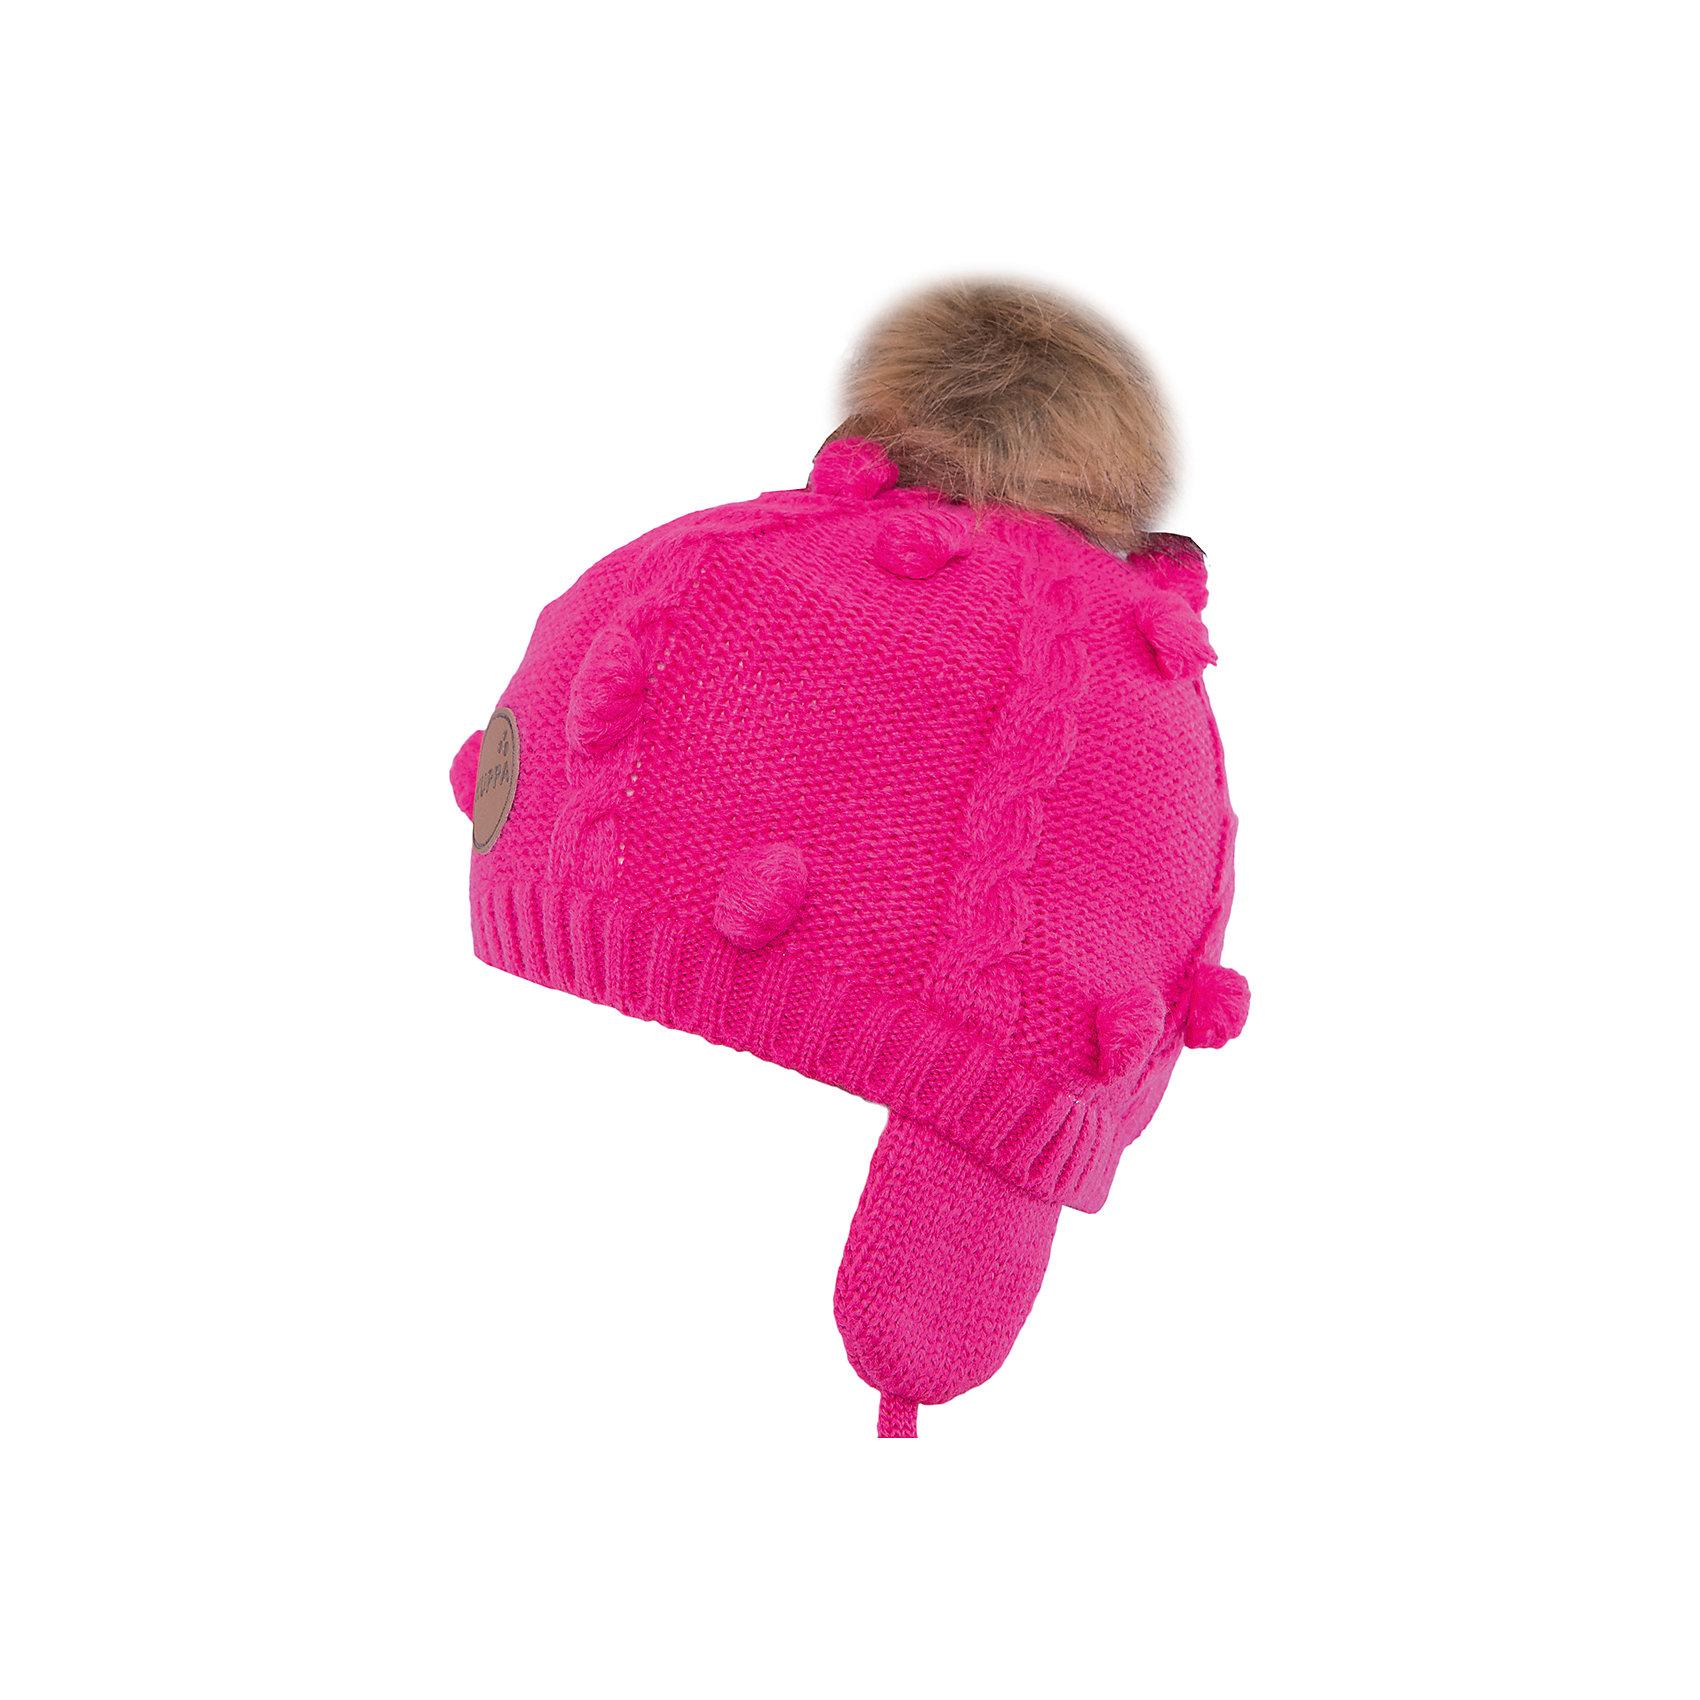 Шапка Macy HuppaЗимние<br>Модная вязаная шапка MACY Huppa(Хуппа) изготовлена из акрила. Она отлично защищает голову и уши ребенка от холода, благодаря удобной форме, завязкам и клапанам. Шапка украшена меховым помпоном, который обязательно понравится маленькой моднице.<br><br>Дополнительная информация: <br>Материал: 100% акрил<br>Подкладка: 100% хлопок<br>Цвет: фуксия<br><br>Шапку MACY Huppa(Хуппа) можно приобрести в нашем интернет-магазине.<br><br>Ширина мм: 89<br>Глубина мм: 117<br>Высота мм: 44<br>Вес г: 155<br>Цвет: розовый<br>Возраст от месяцев: 12<br>Возраст до месяцев: 24<br>Пол: Женский<br>Возраст: Детский<br>Размер: 47-49,55-57,51-53<br>SKU: 4923834